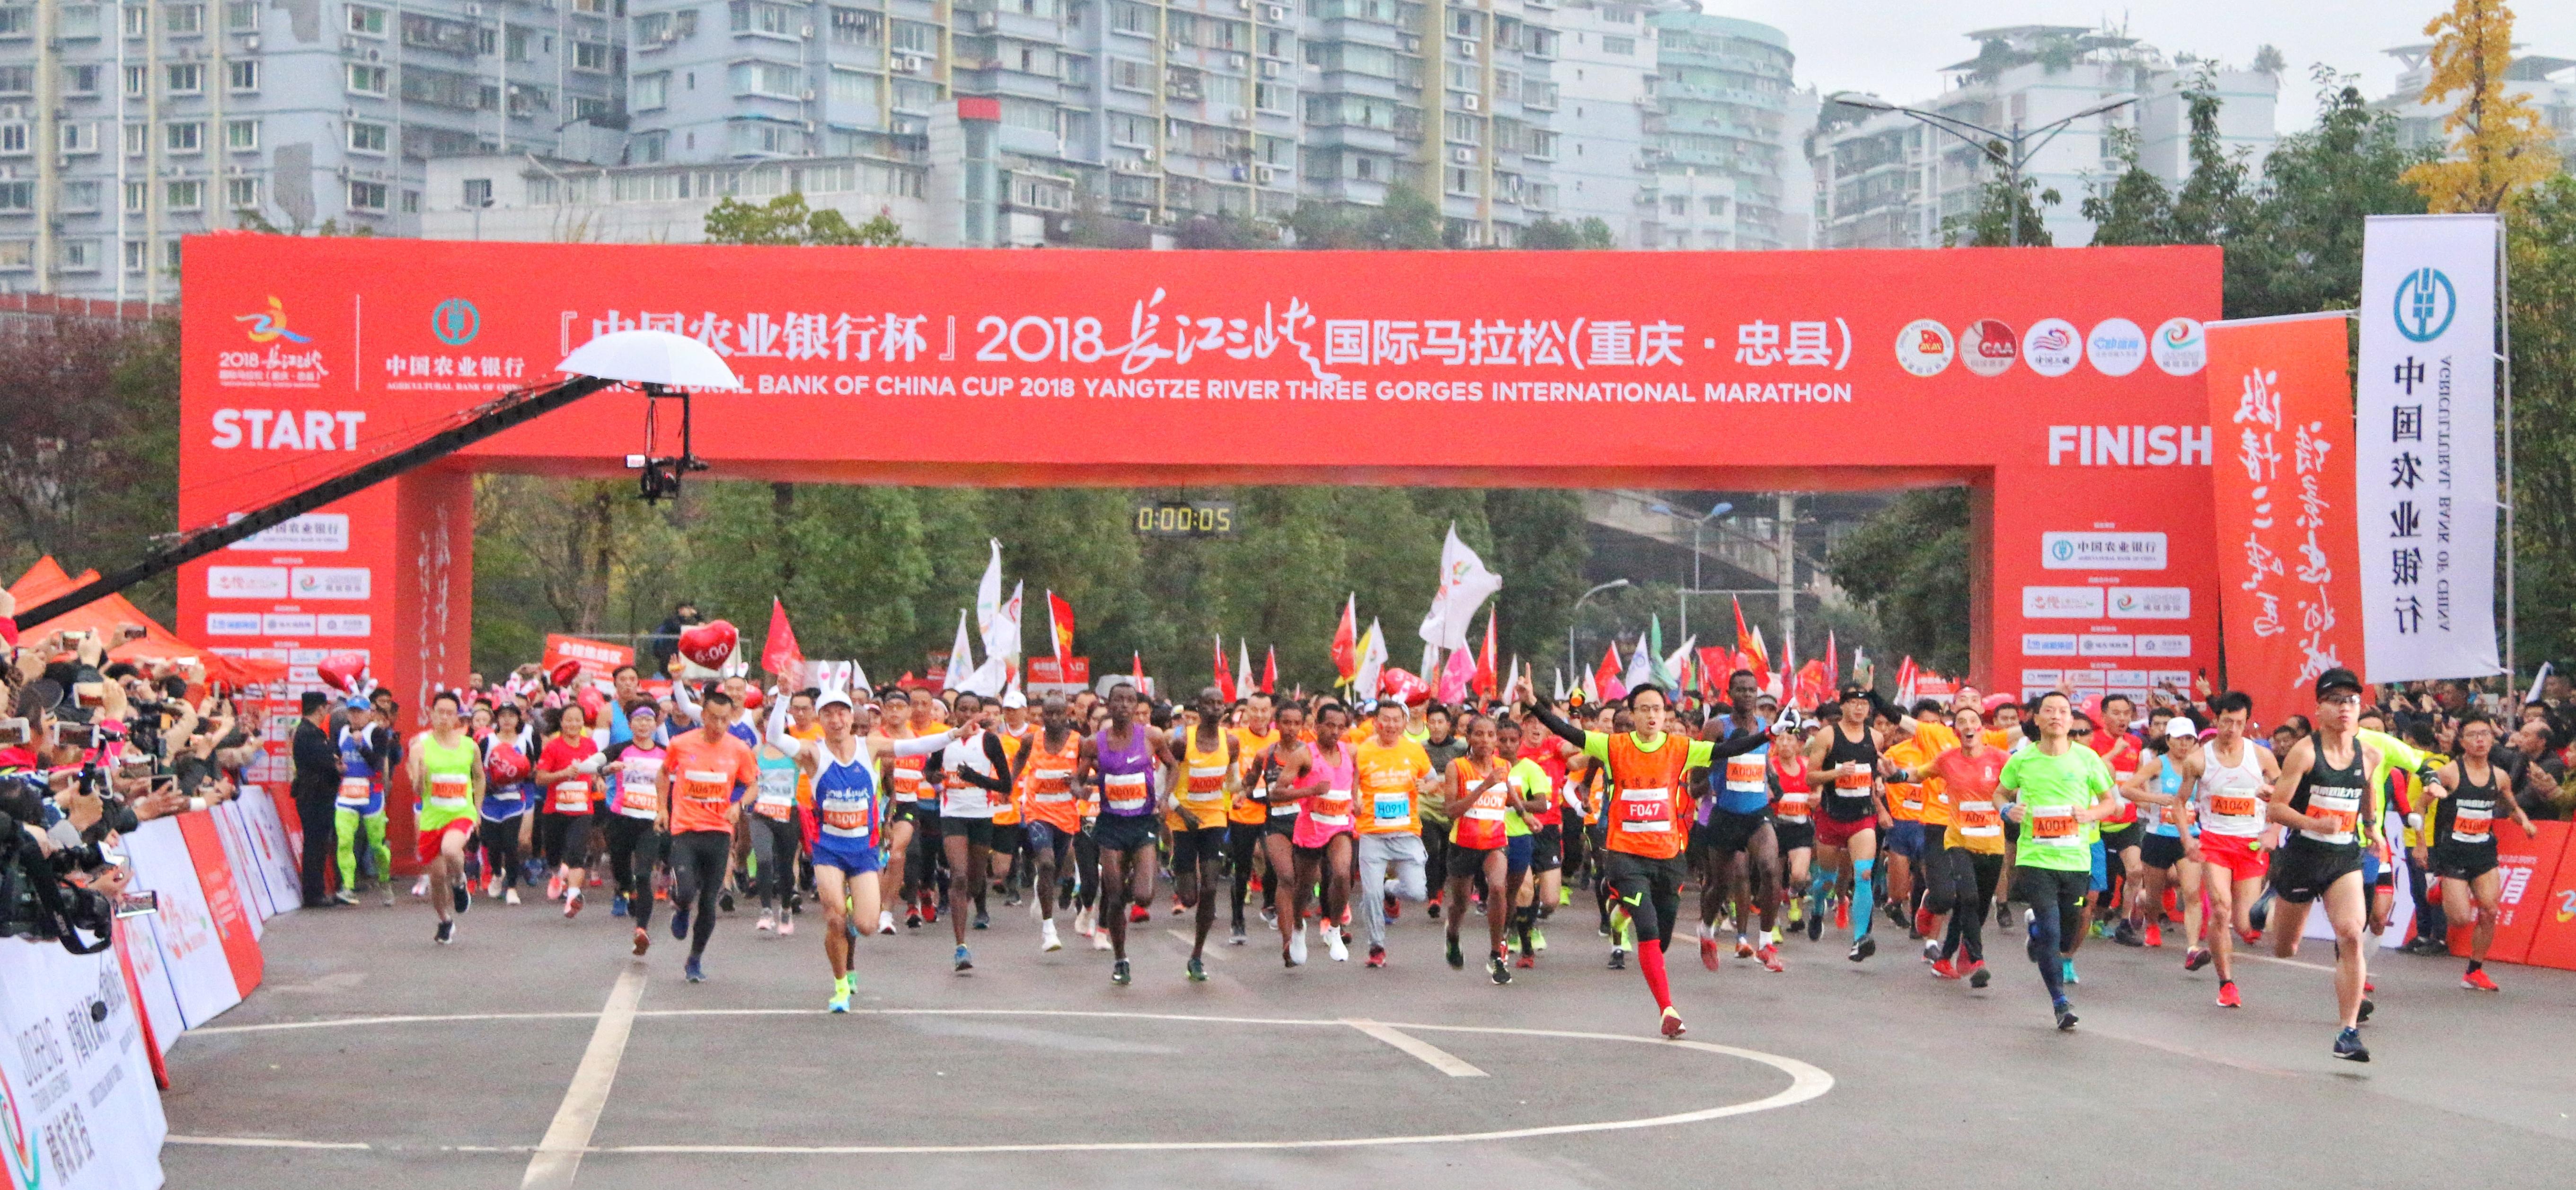 2018长江三峡国际马拉松(重庆·忠县)活力开跑!